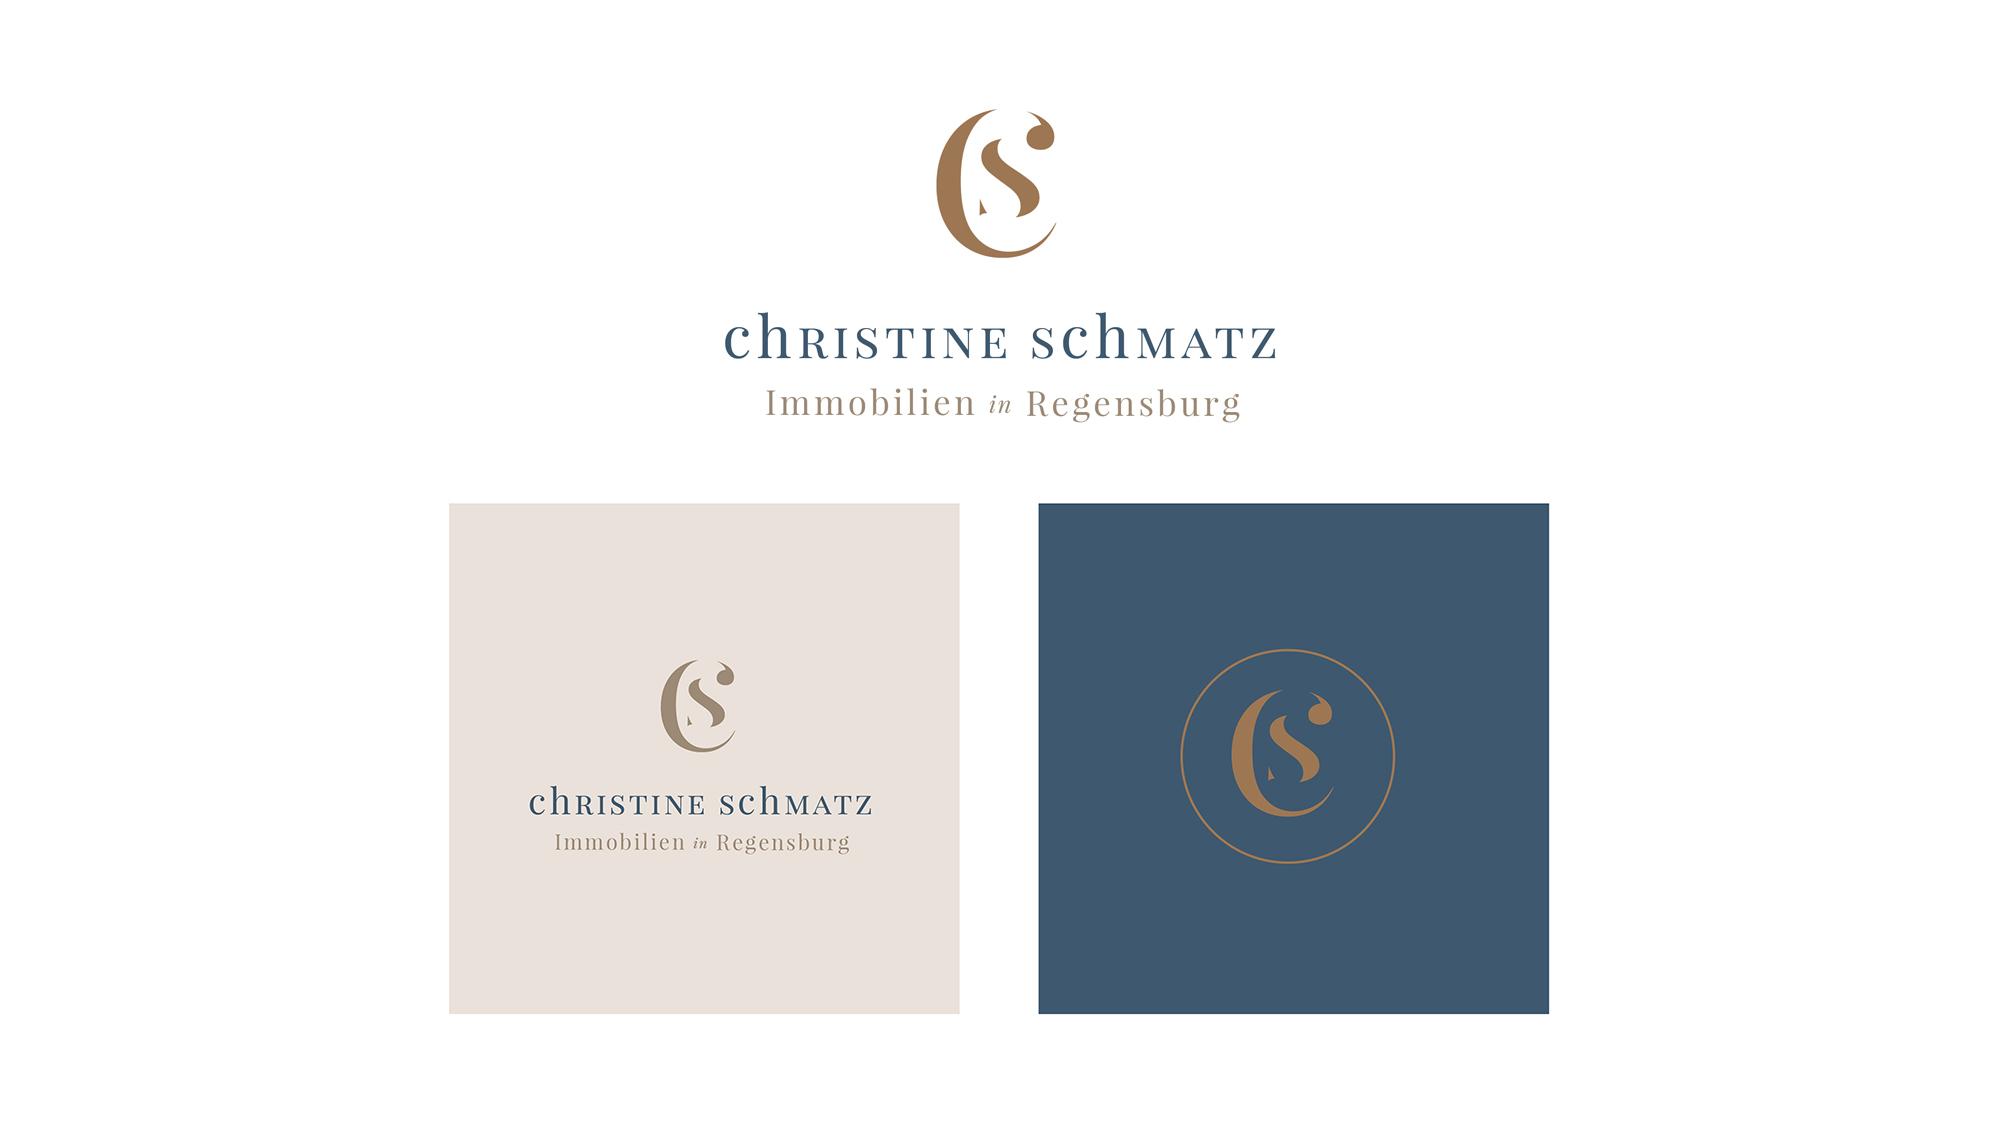 trc_christine-schmatz_ci